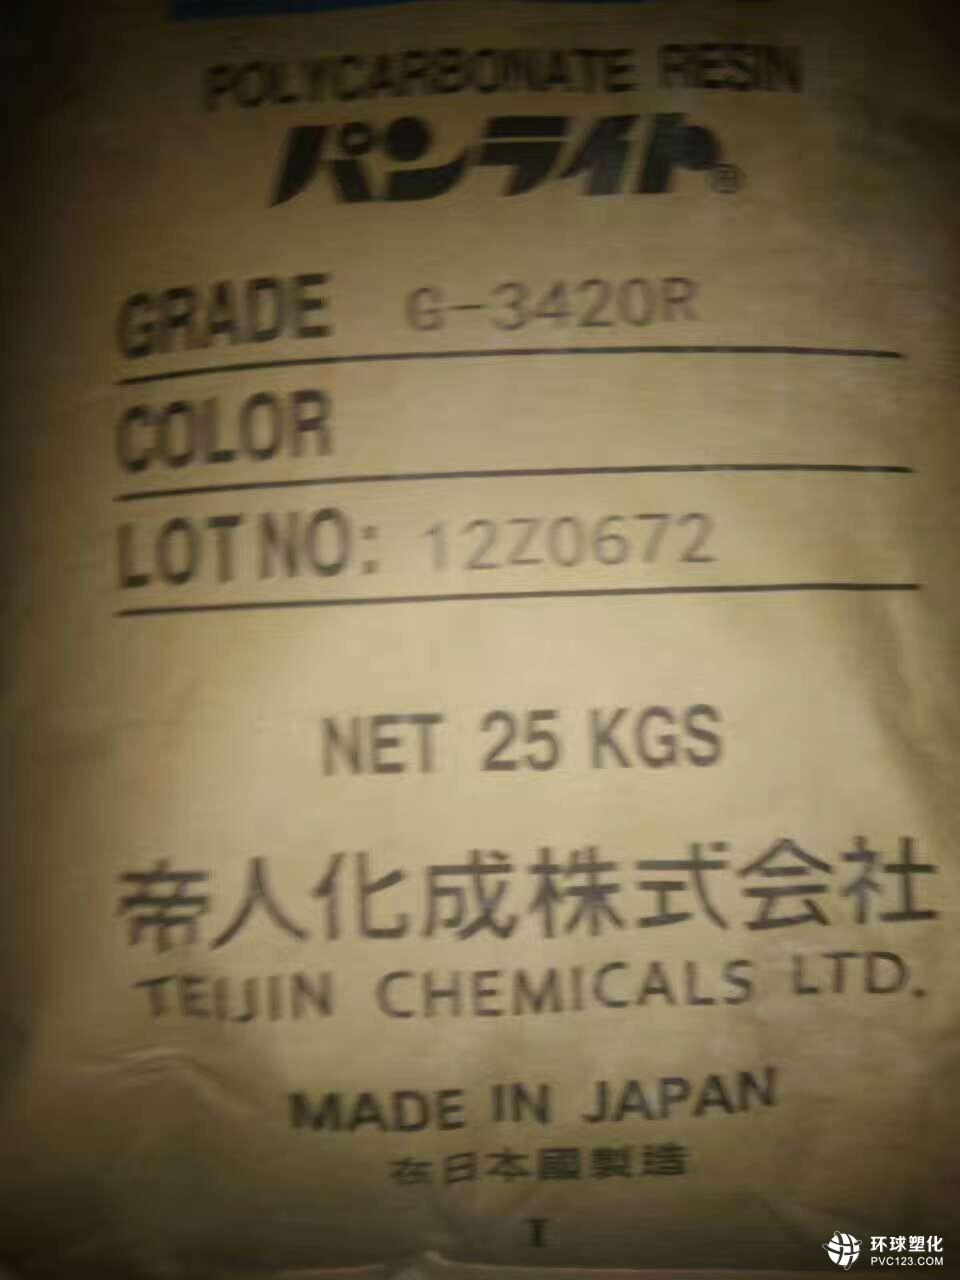 加纤20%PC日本帝人G-3420R